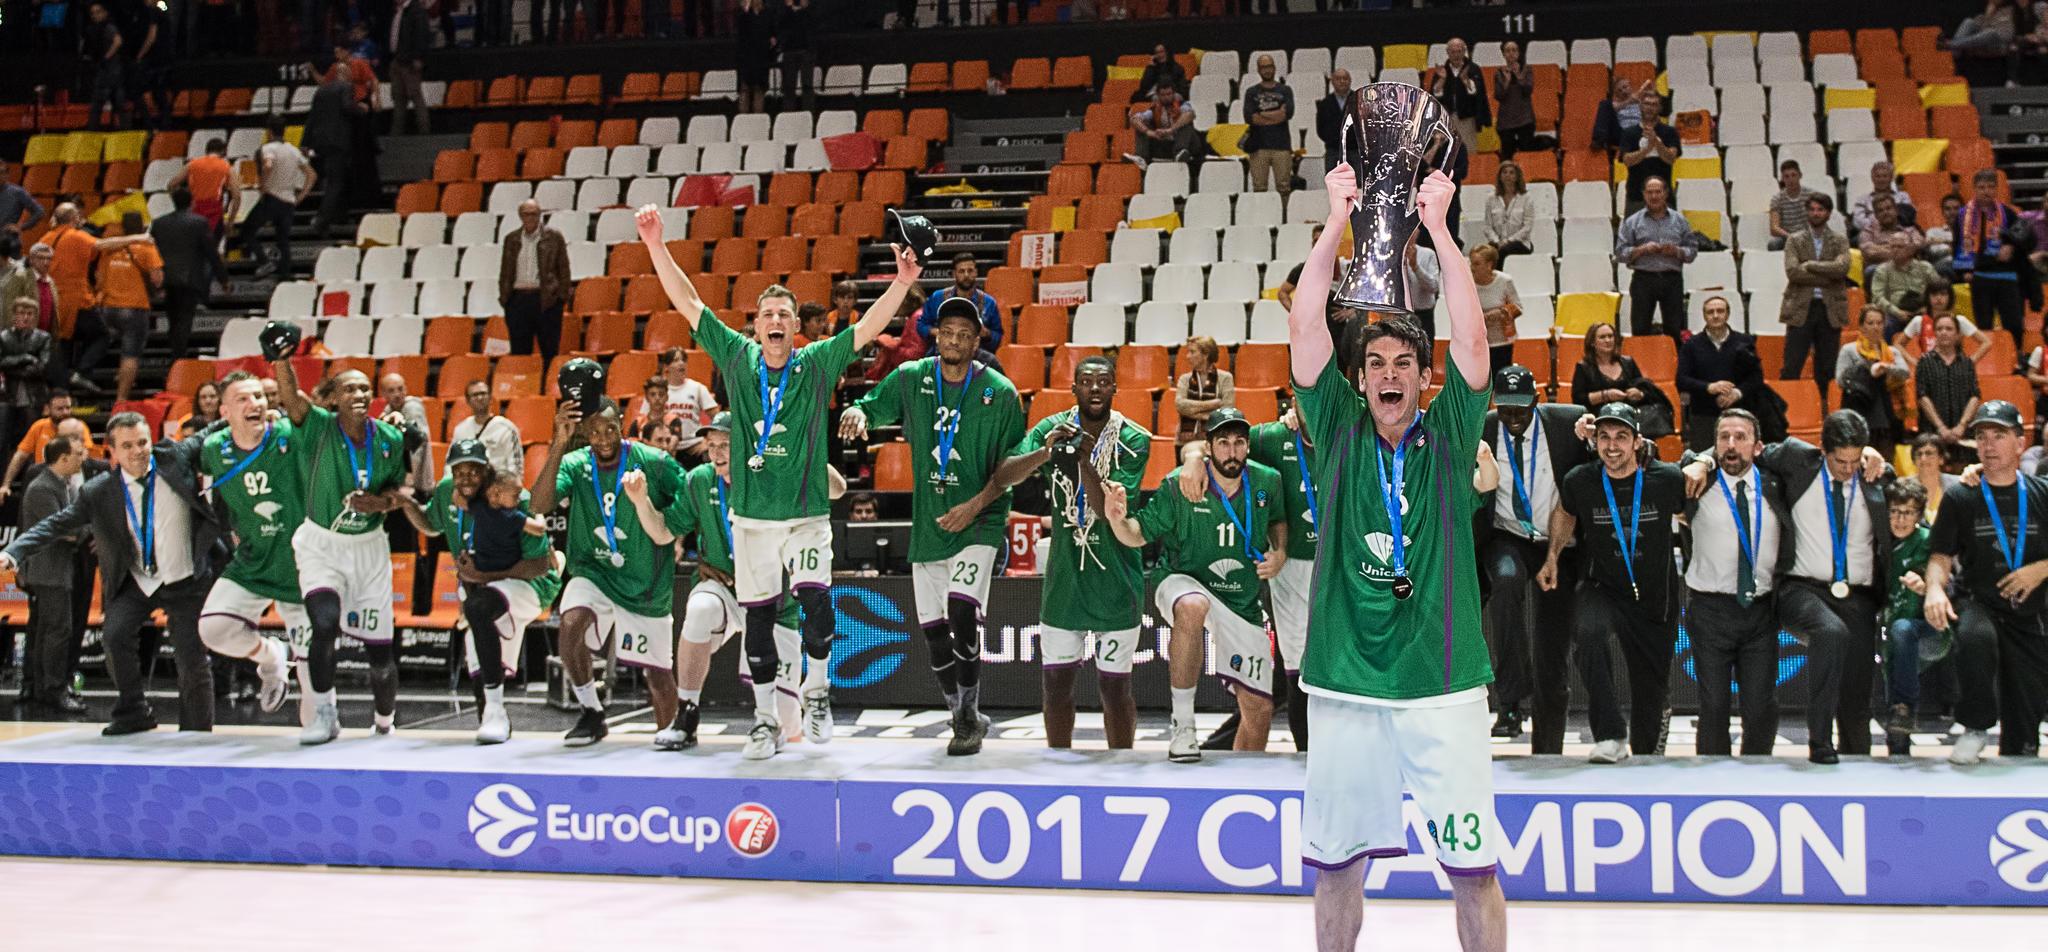 Unicaja! Campeón de la Eurocup 2017. JM Casares